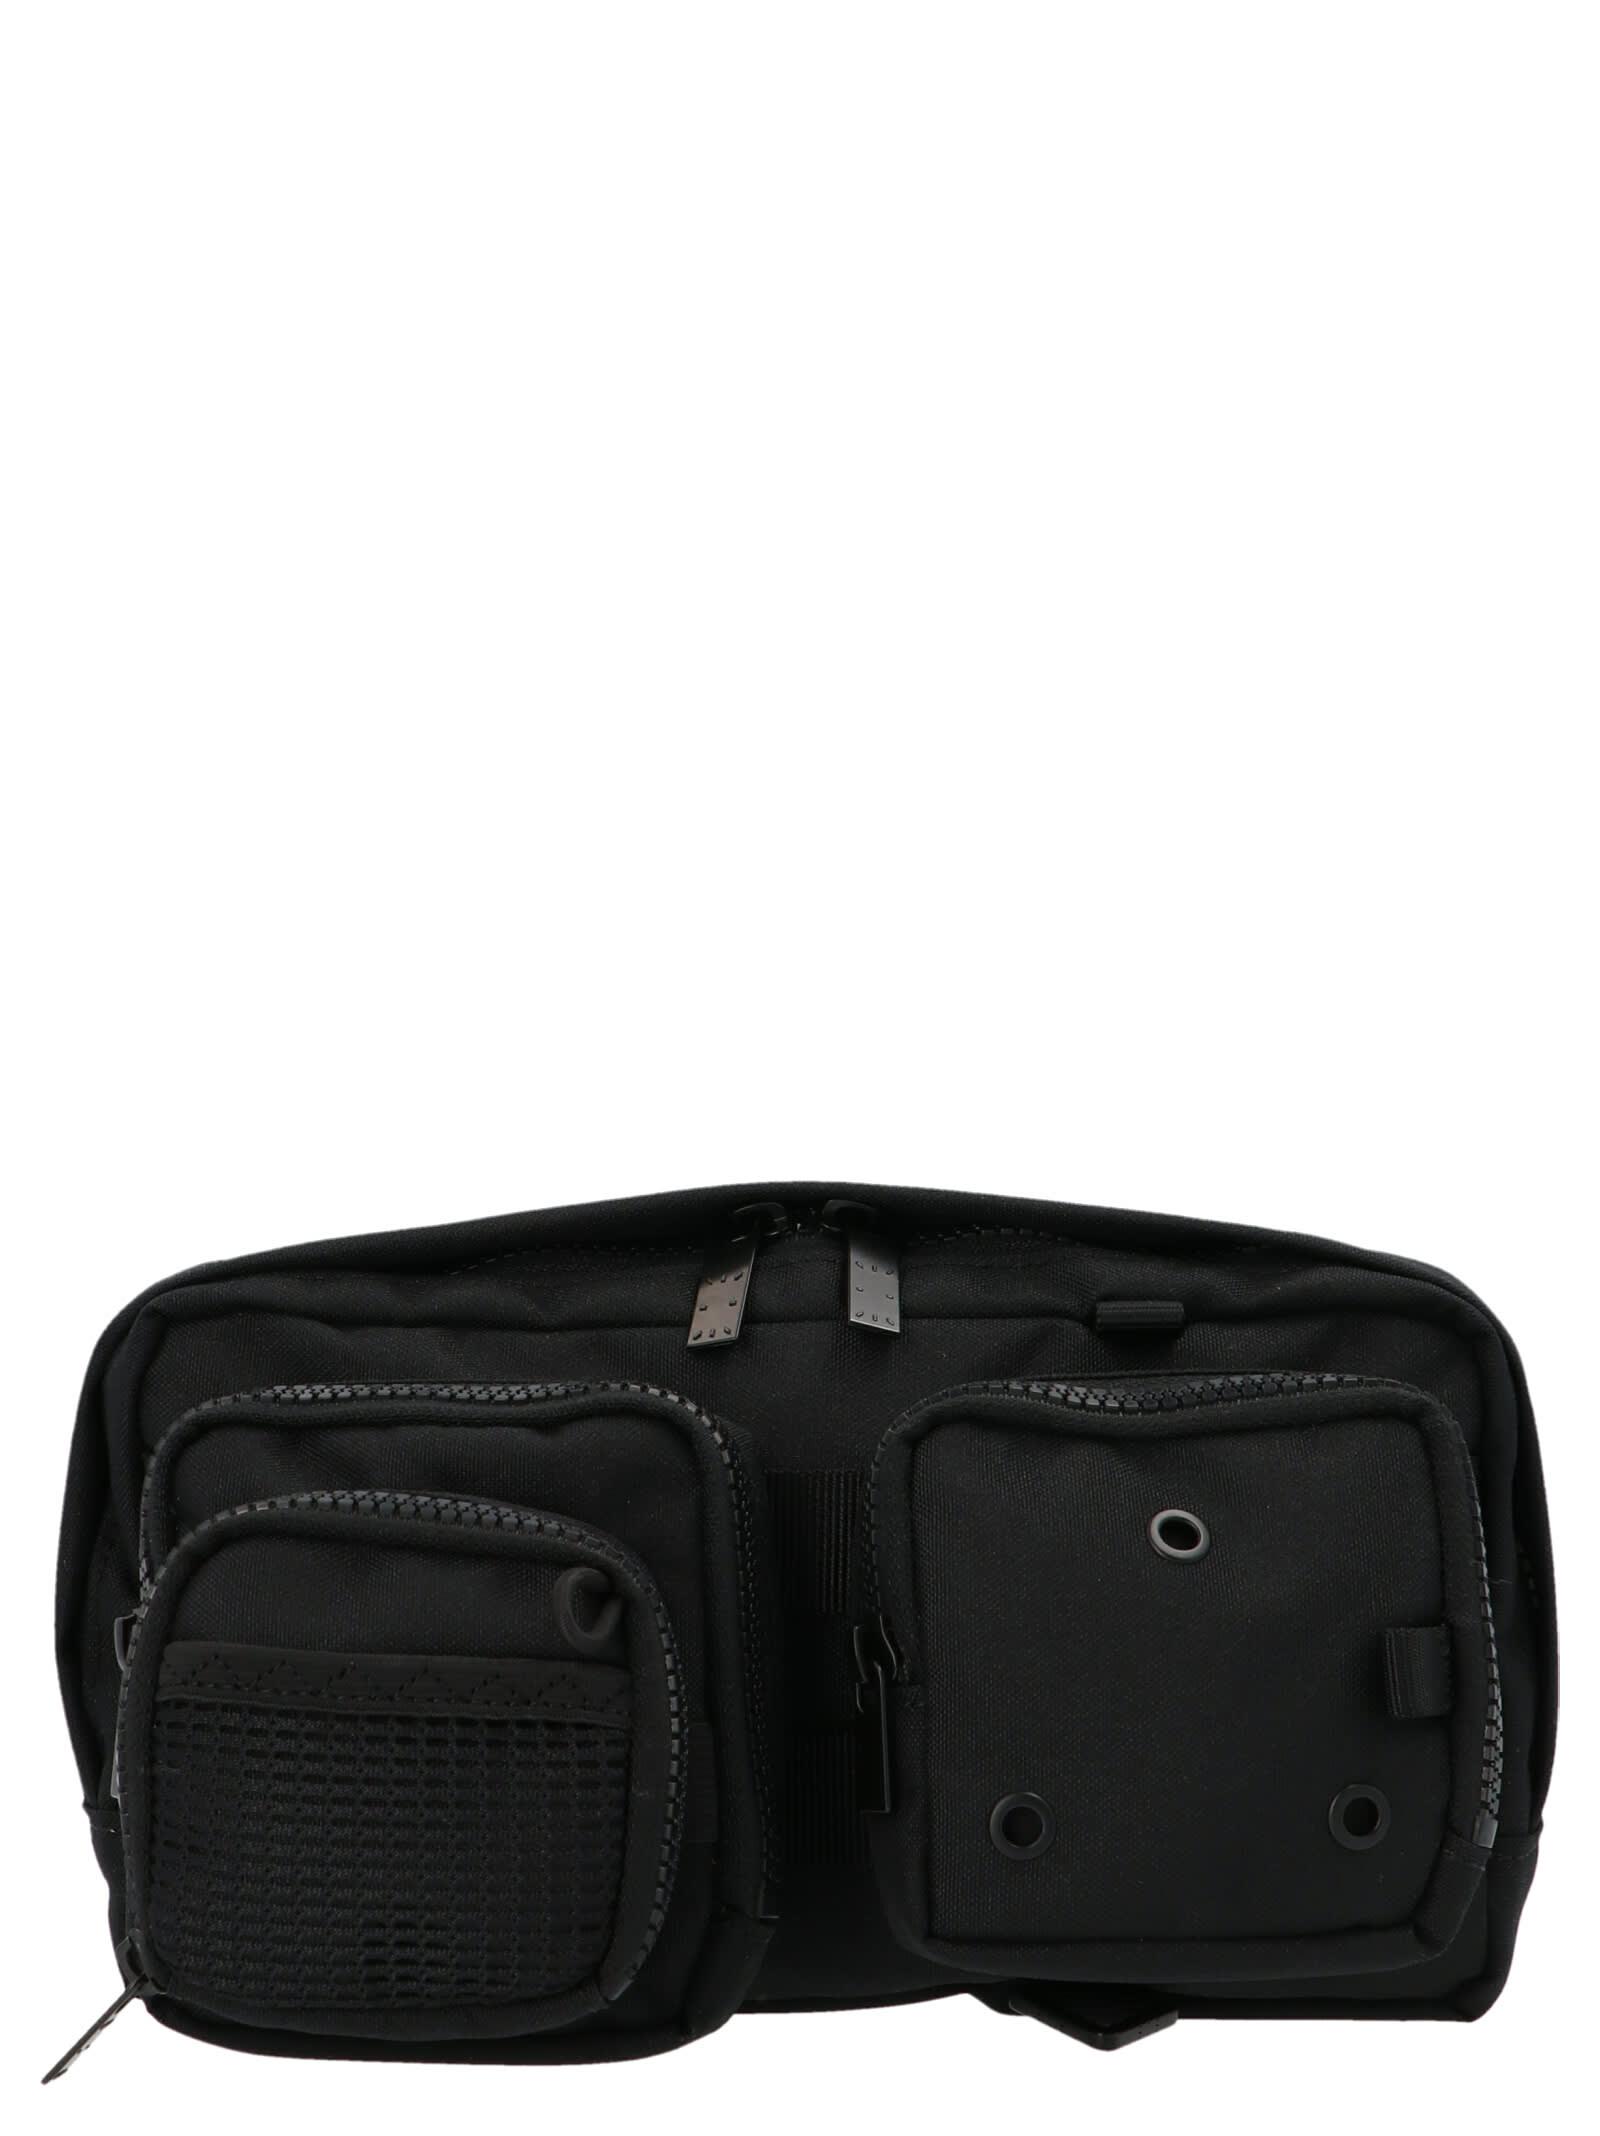 McQ Alexander McQueen hyper Bag